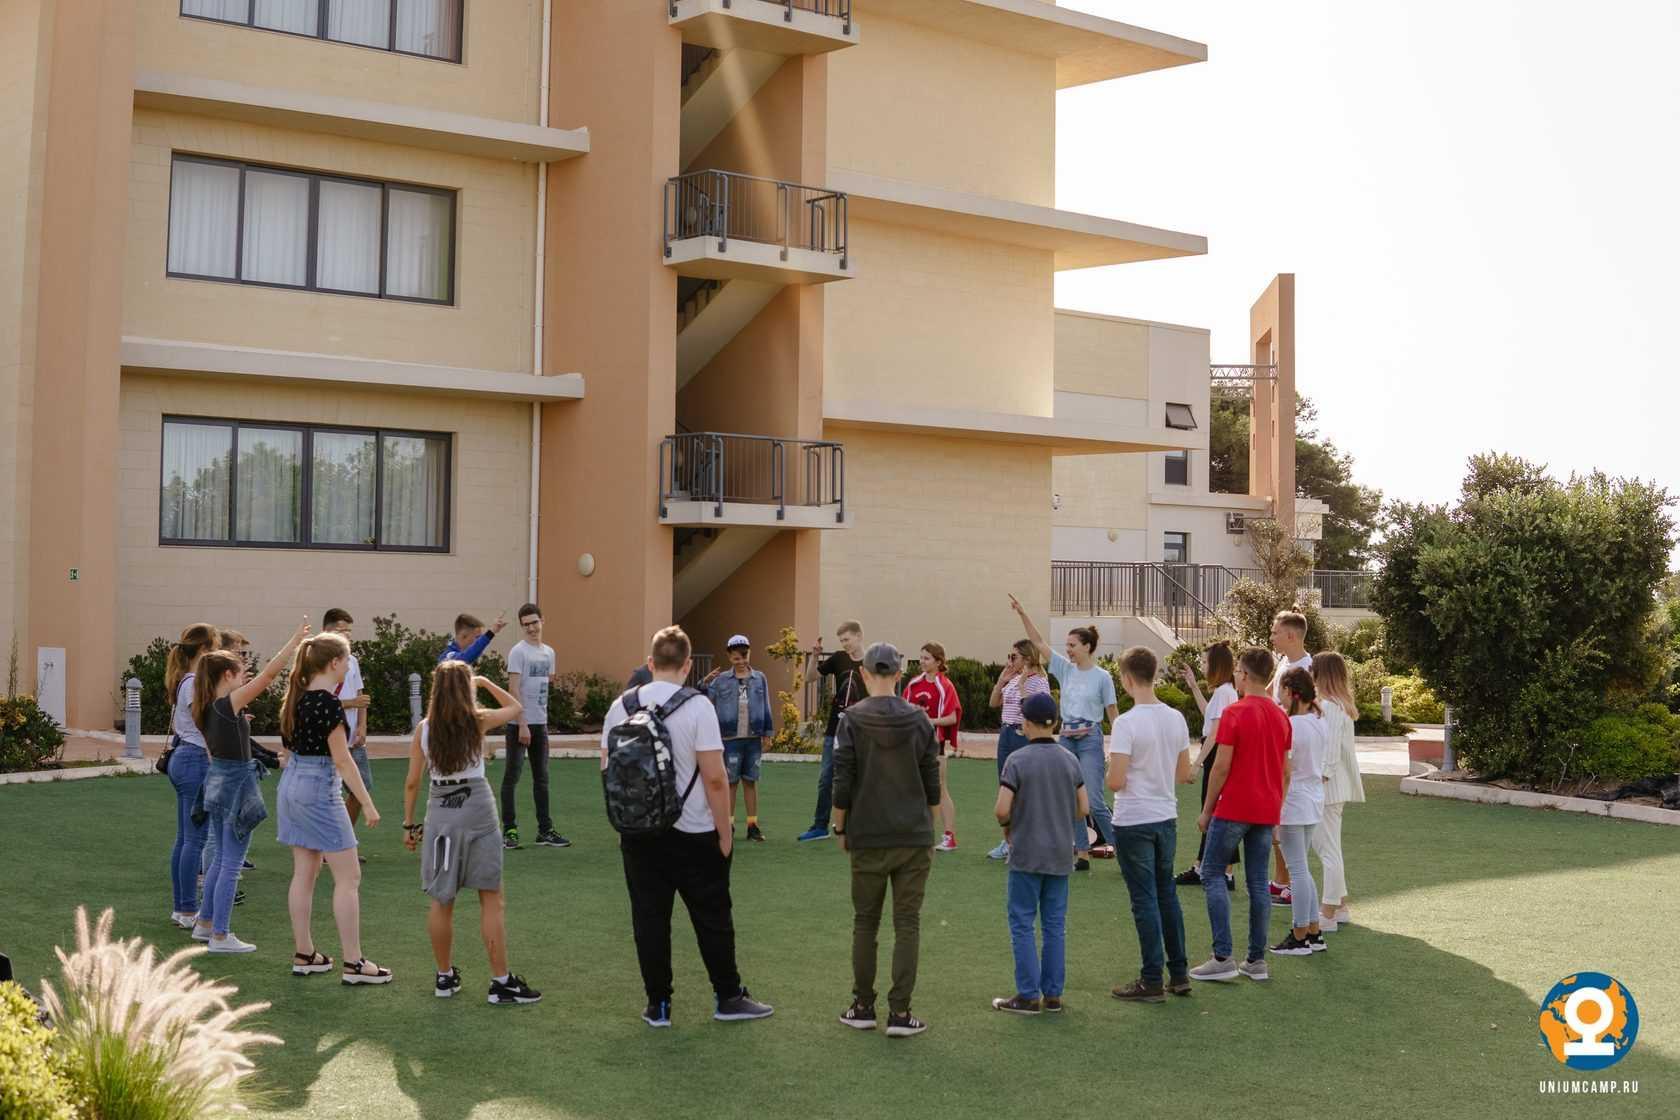 Языковой лагерь для подростков: летний отдых в финляндии, англии, россии и на мальте